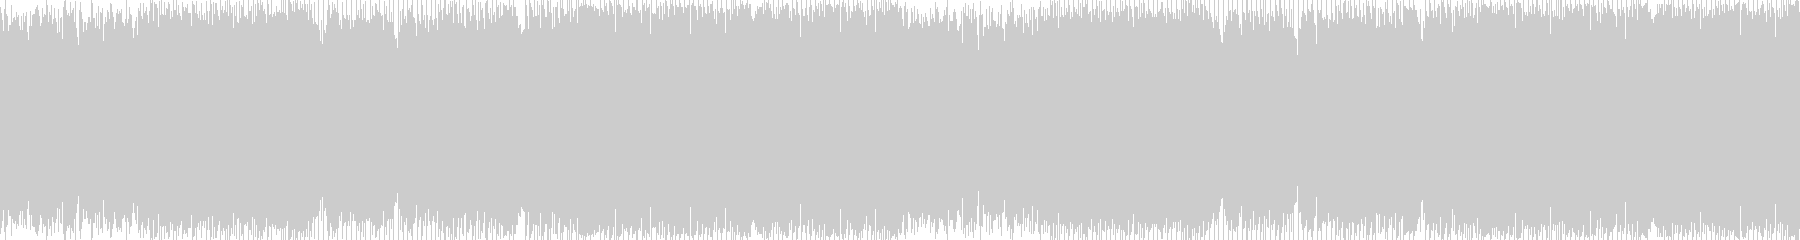 尺八が奏でる楽しげな和風ファンク ループの未再生の波形